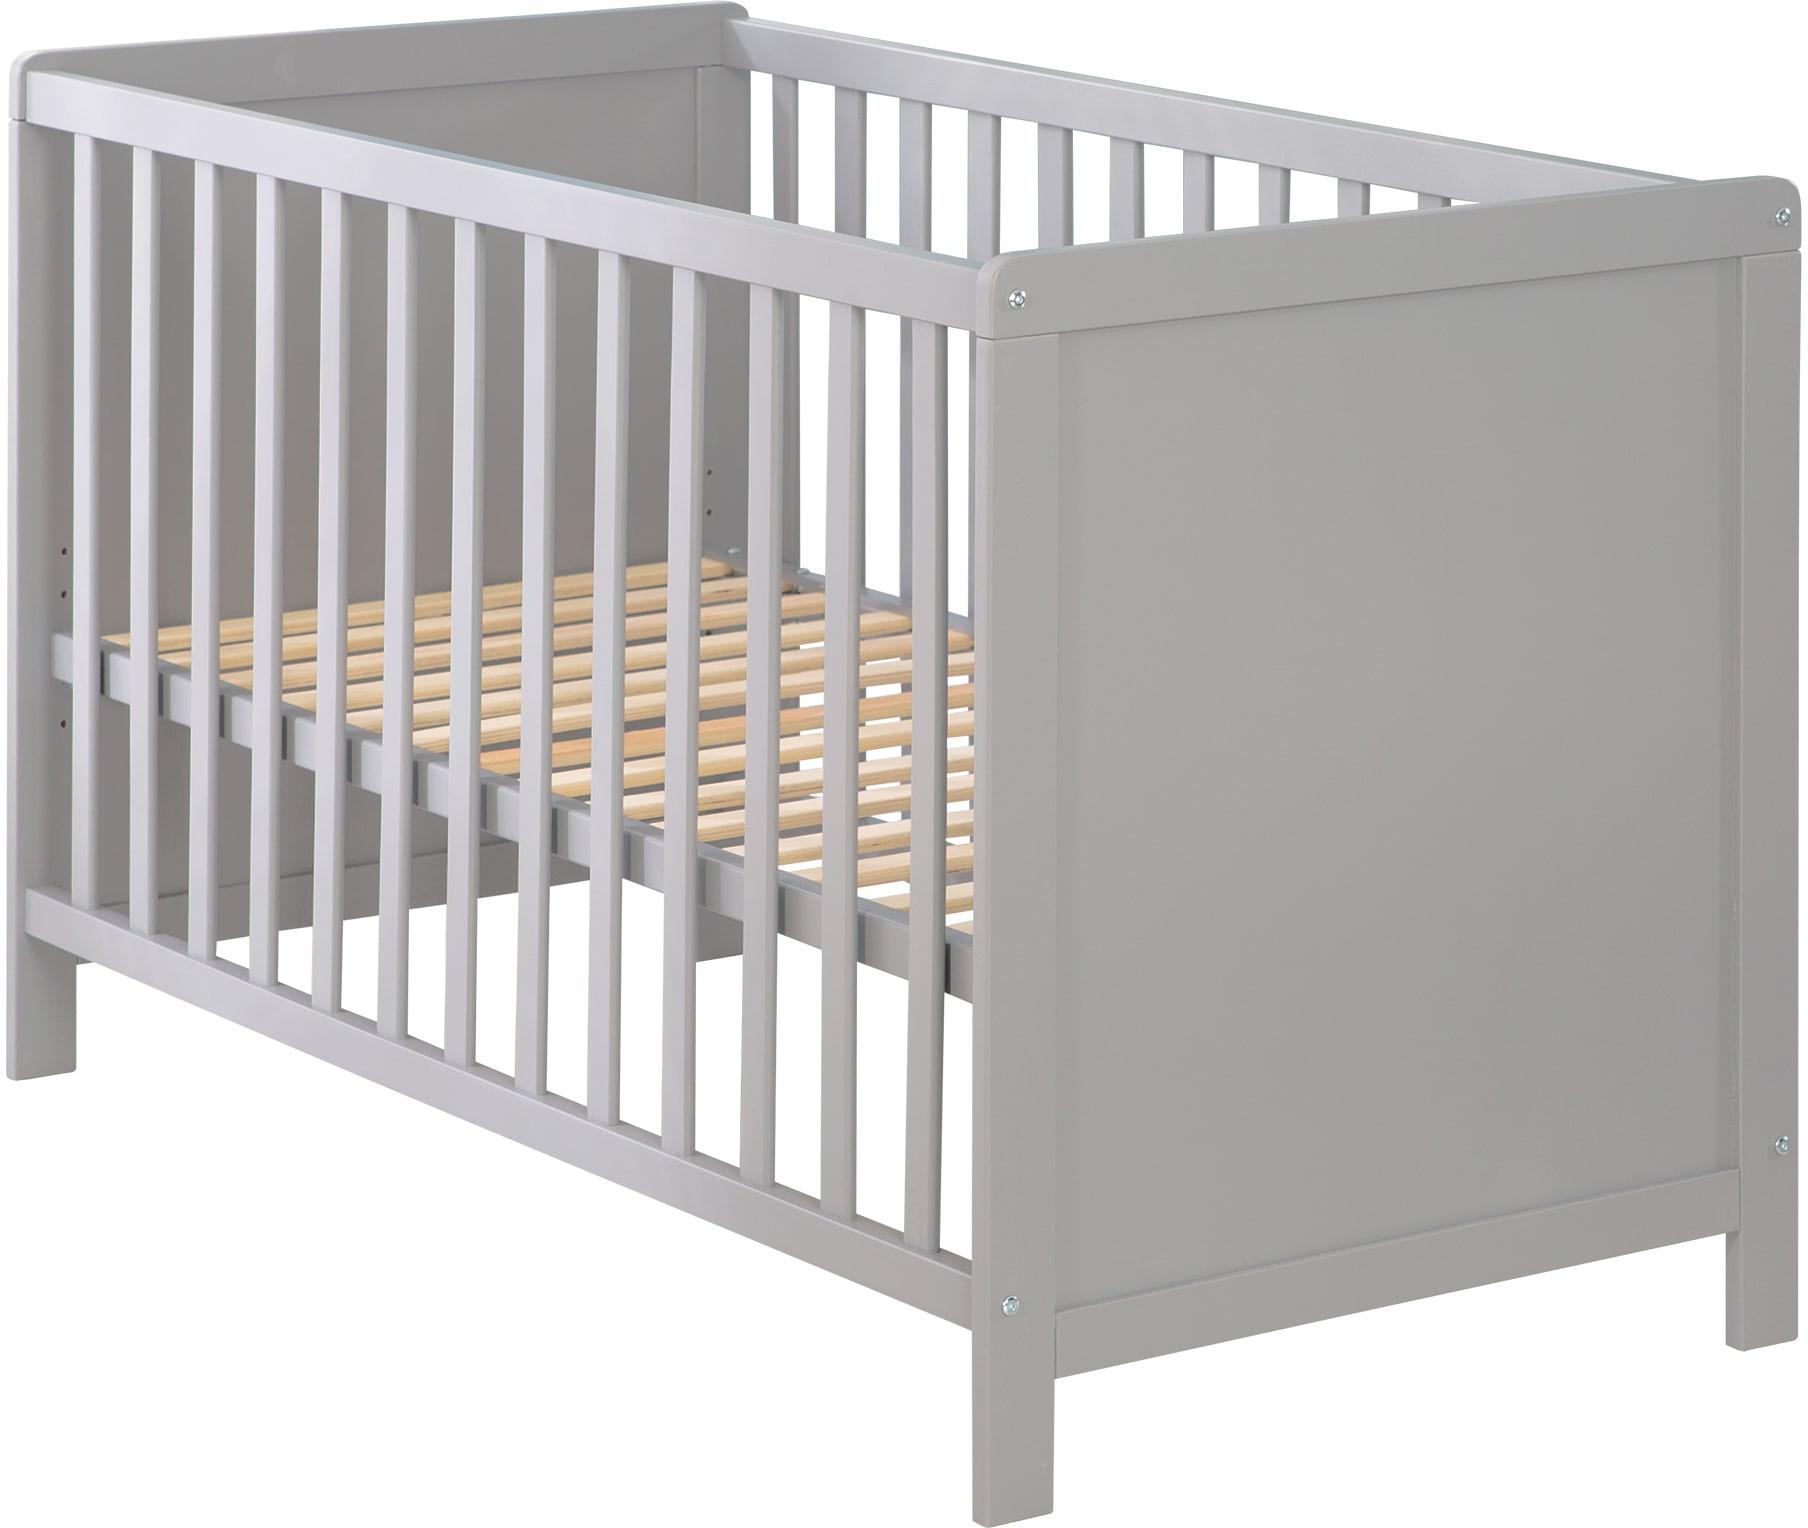 roba Beistellbett 60x120 cm Universal, taupe grau Baby Beistellbetten Babybetten Babymöbel